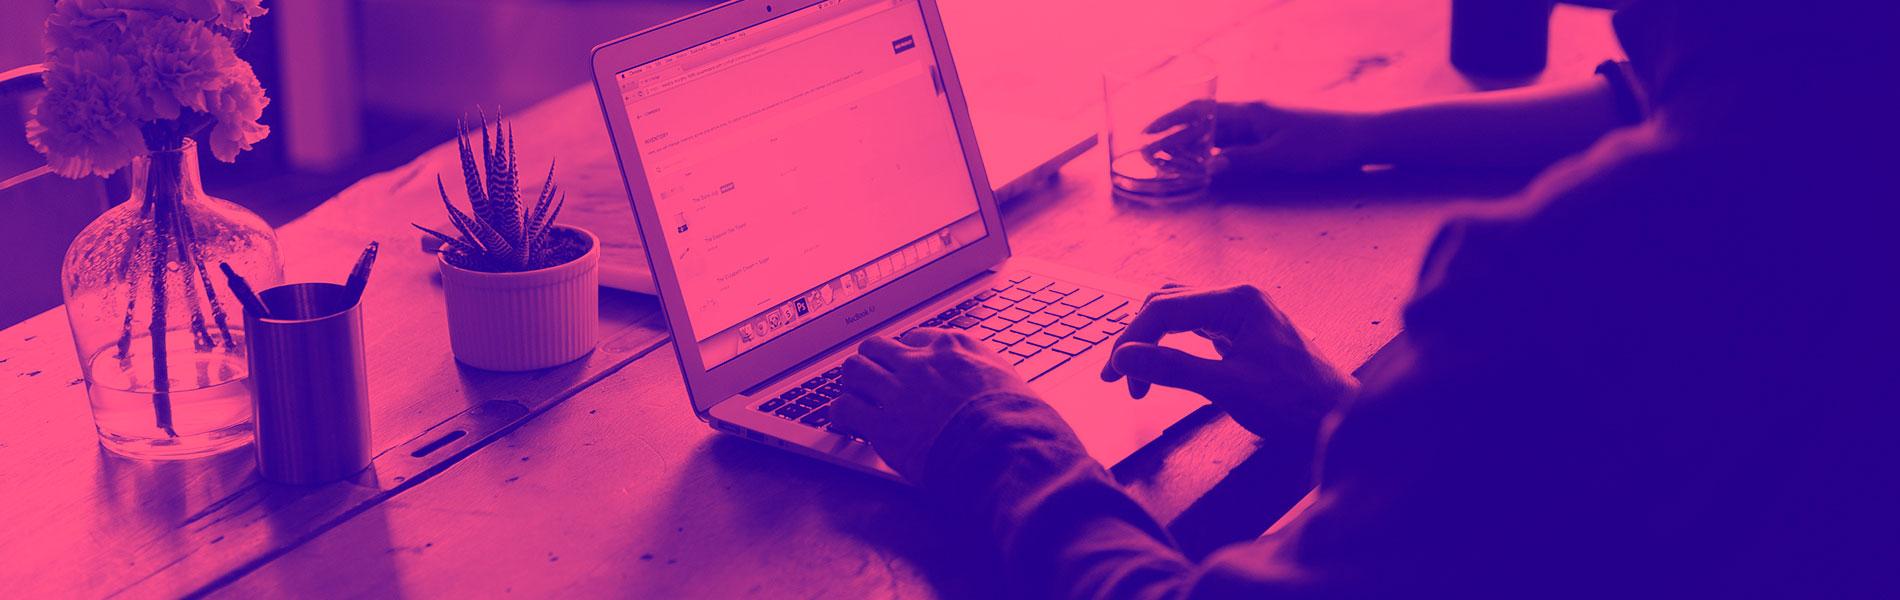 Programas para hacer publicidad digital